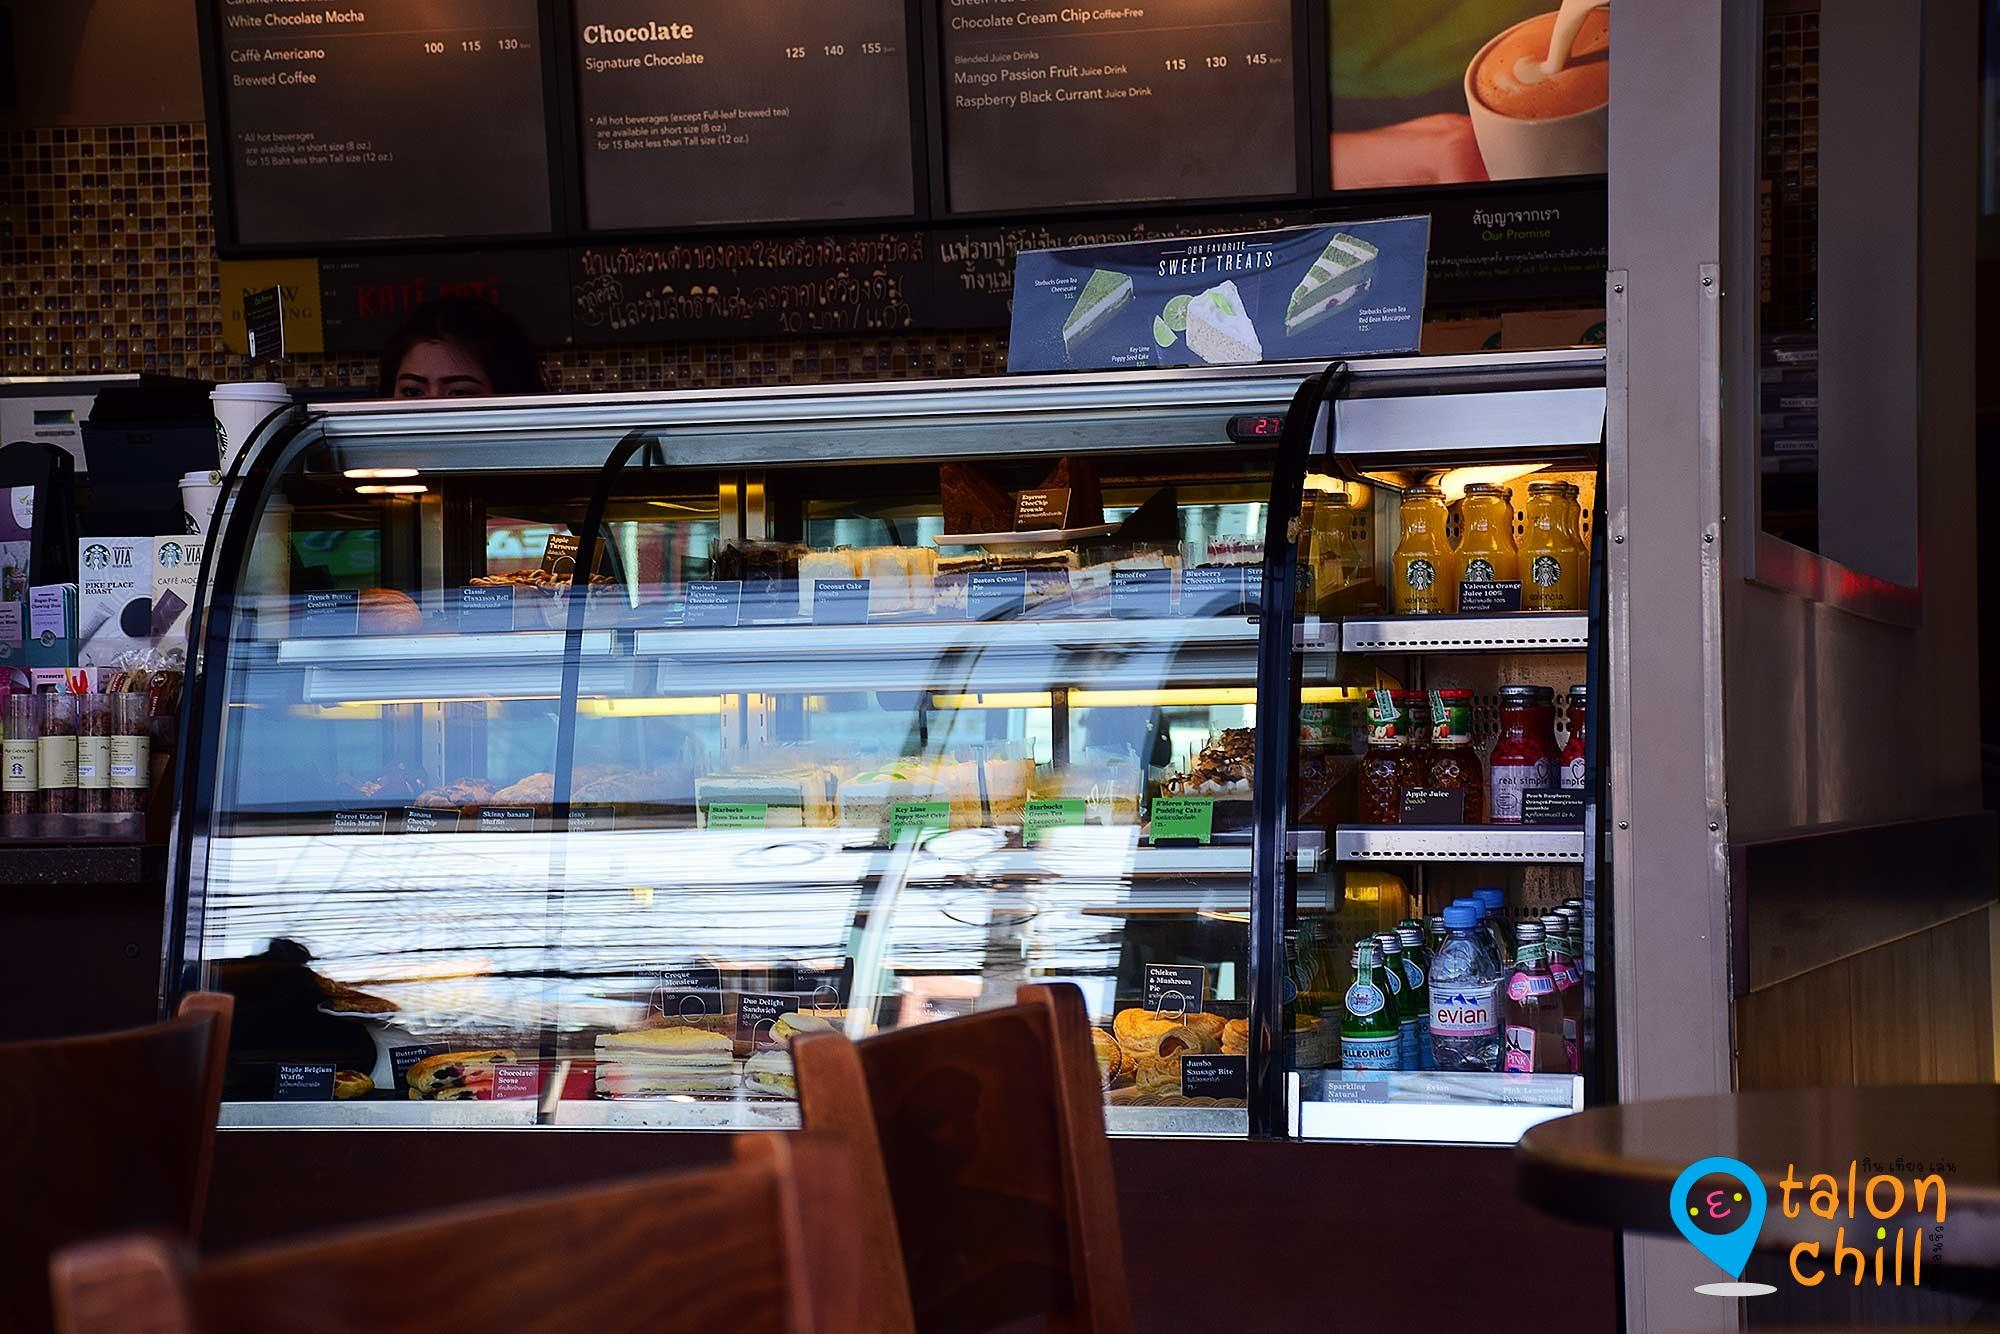 [แกะซอง] บัตรแทนเงินสด และสะสมแต้มของร้านกาแฟ Starbucks